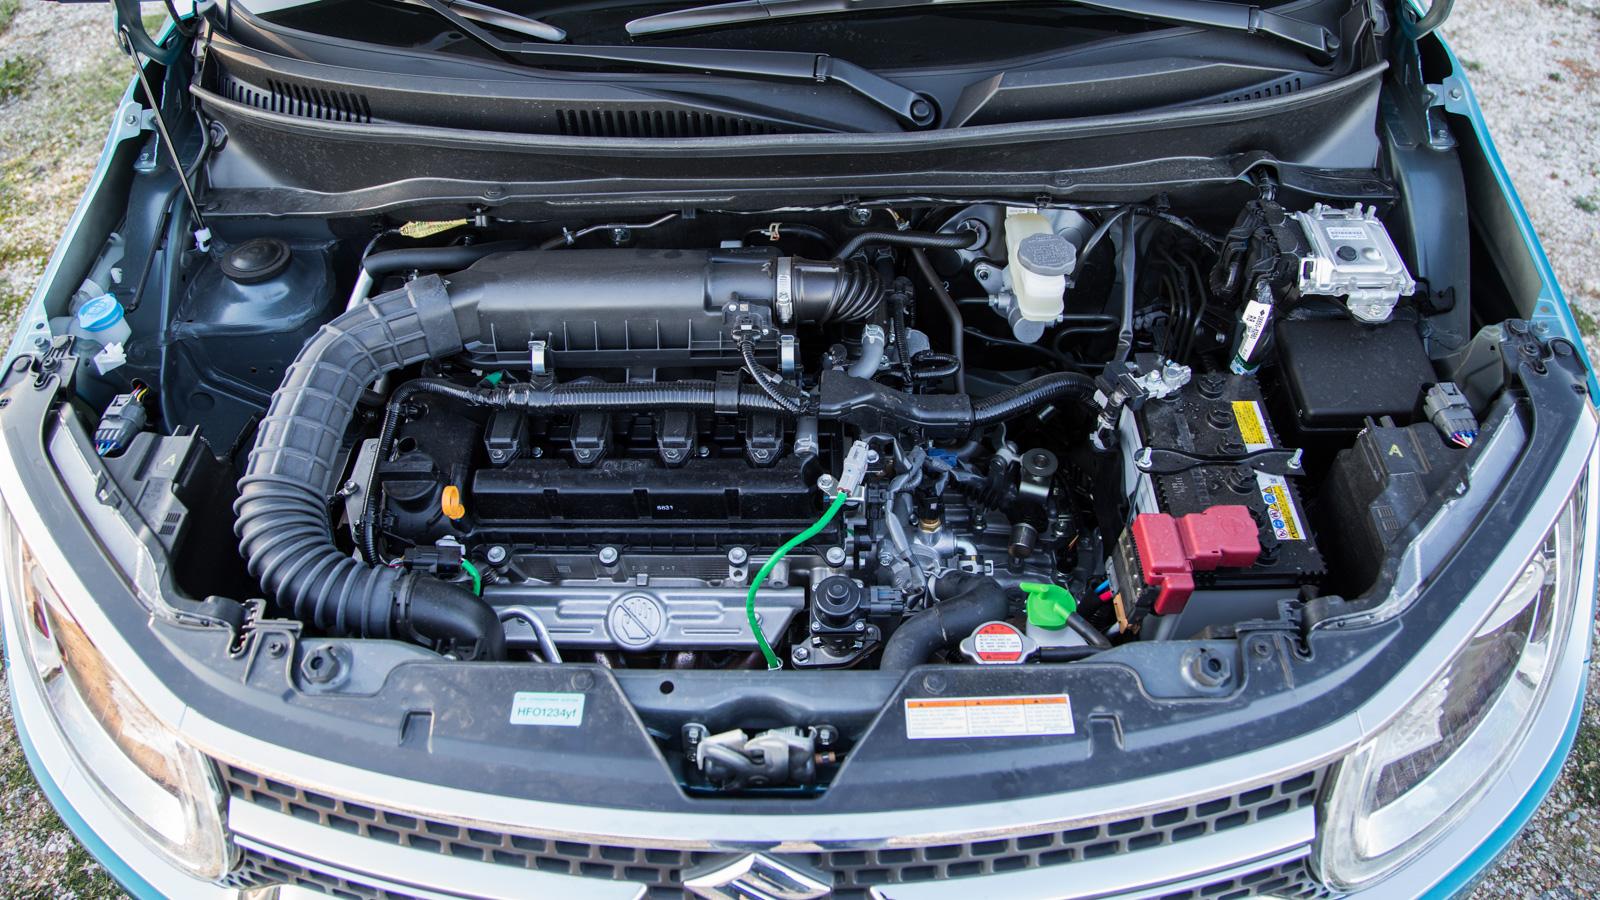 Test_Drive_Suzuki_Ignis_33